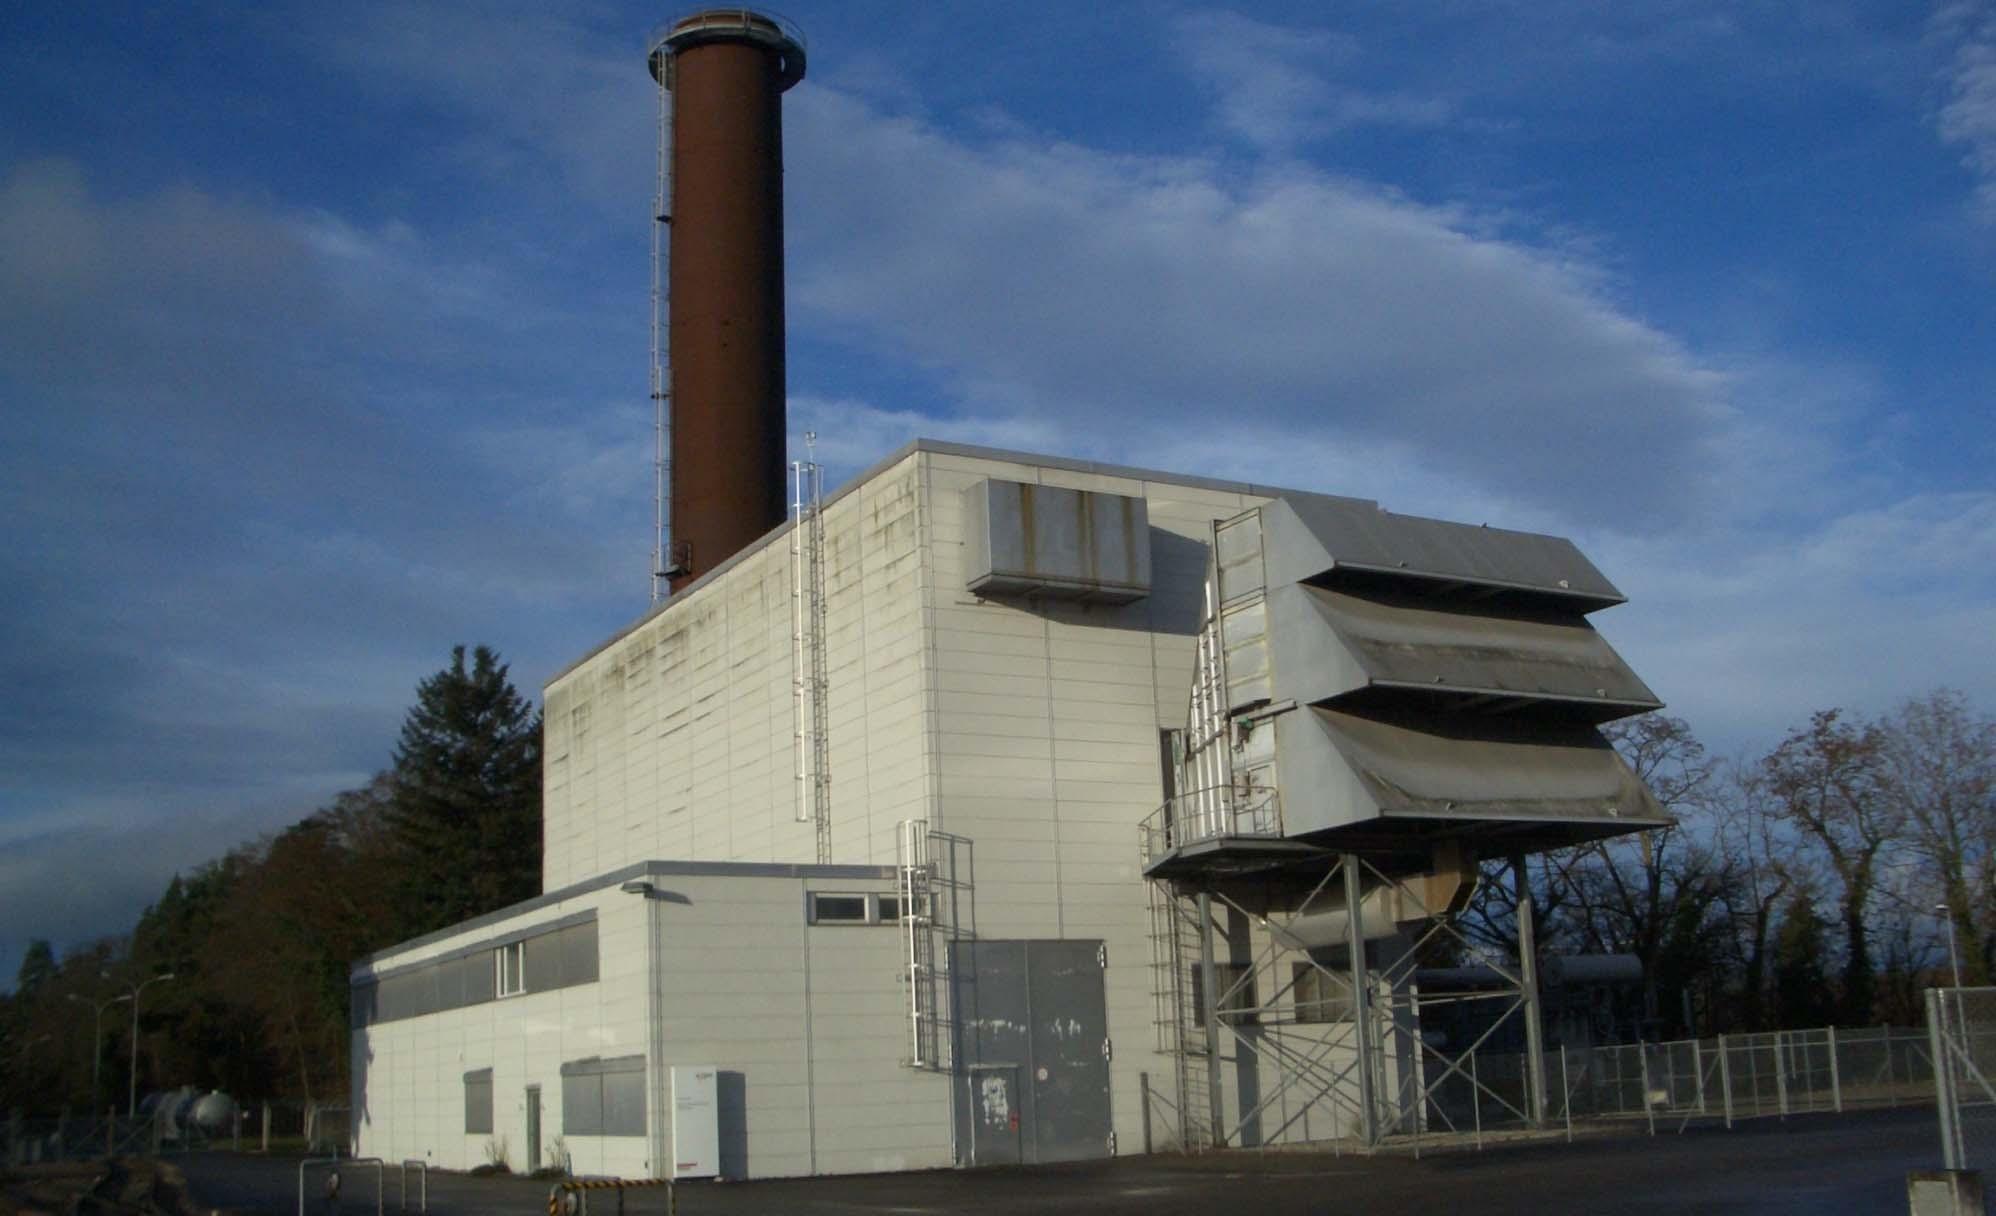 Lohrmann Gas Turbine Generators